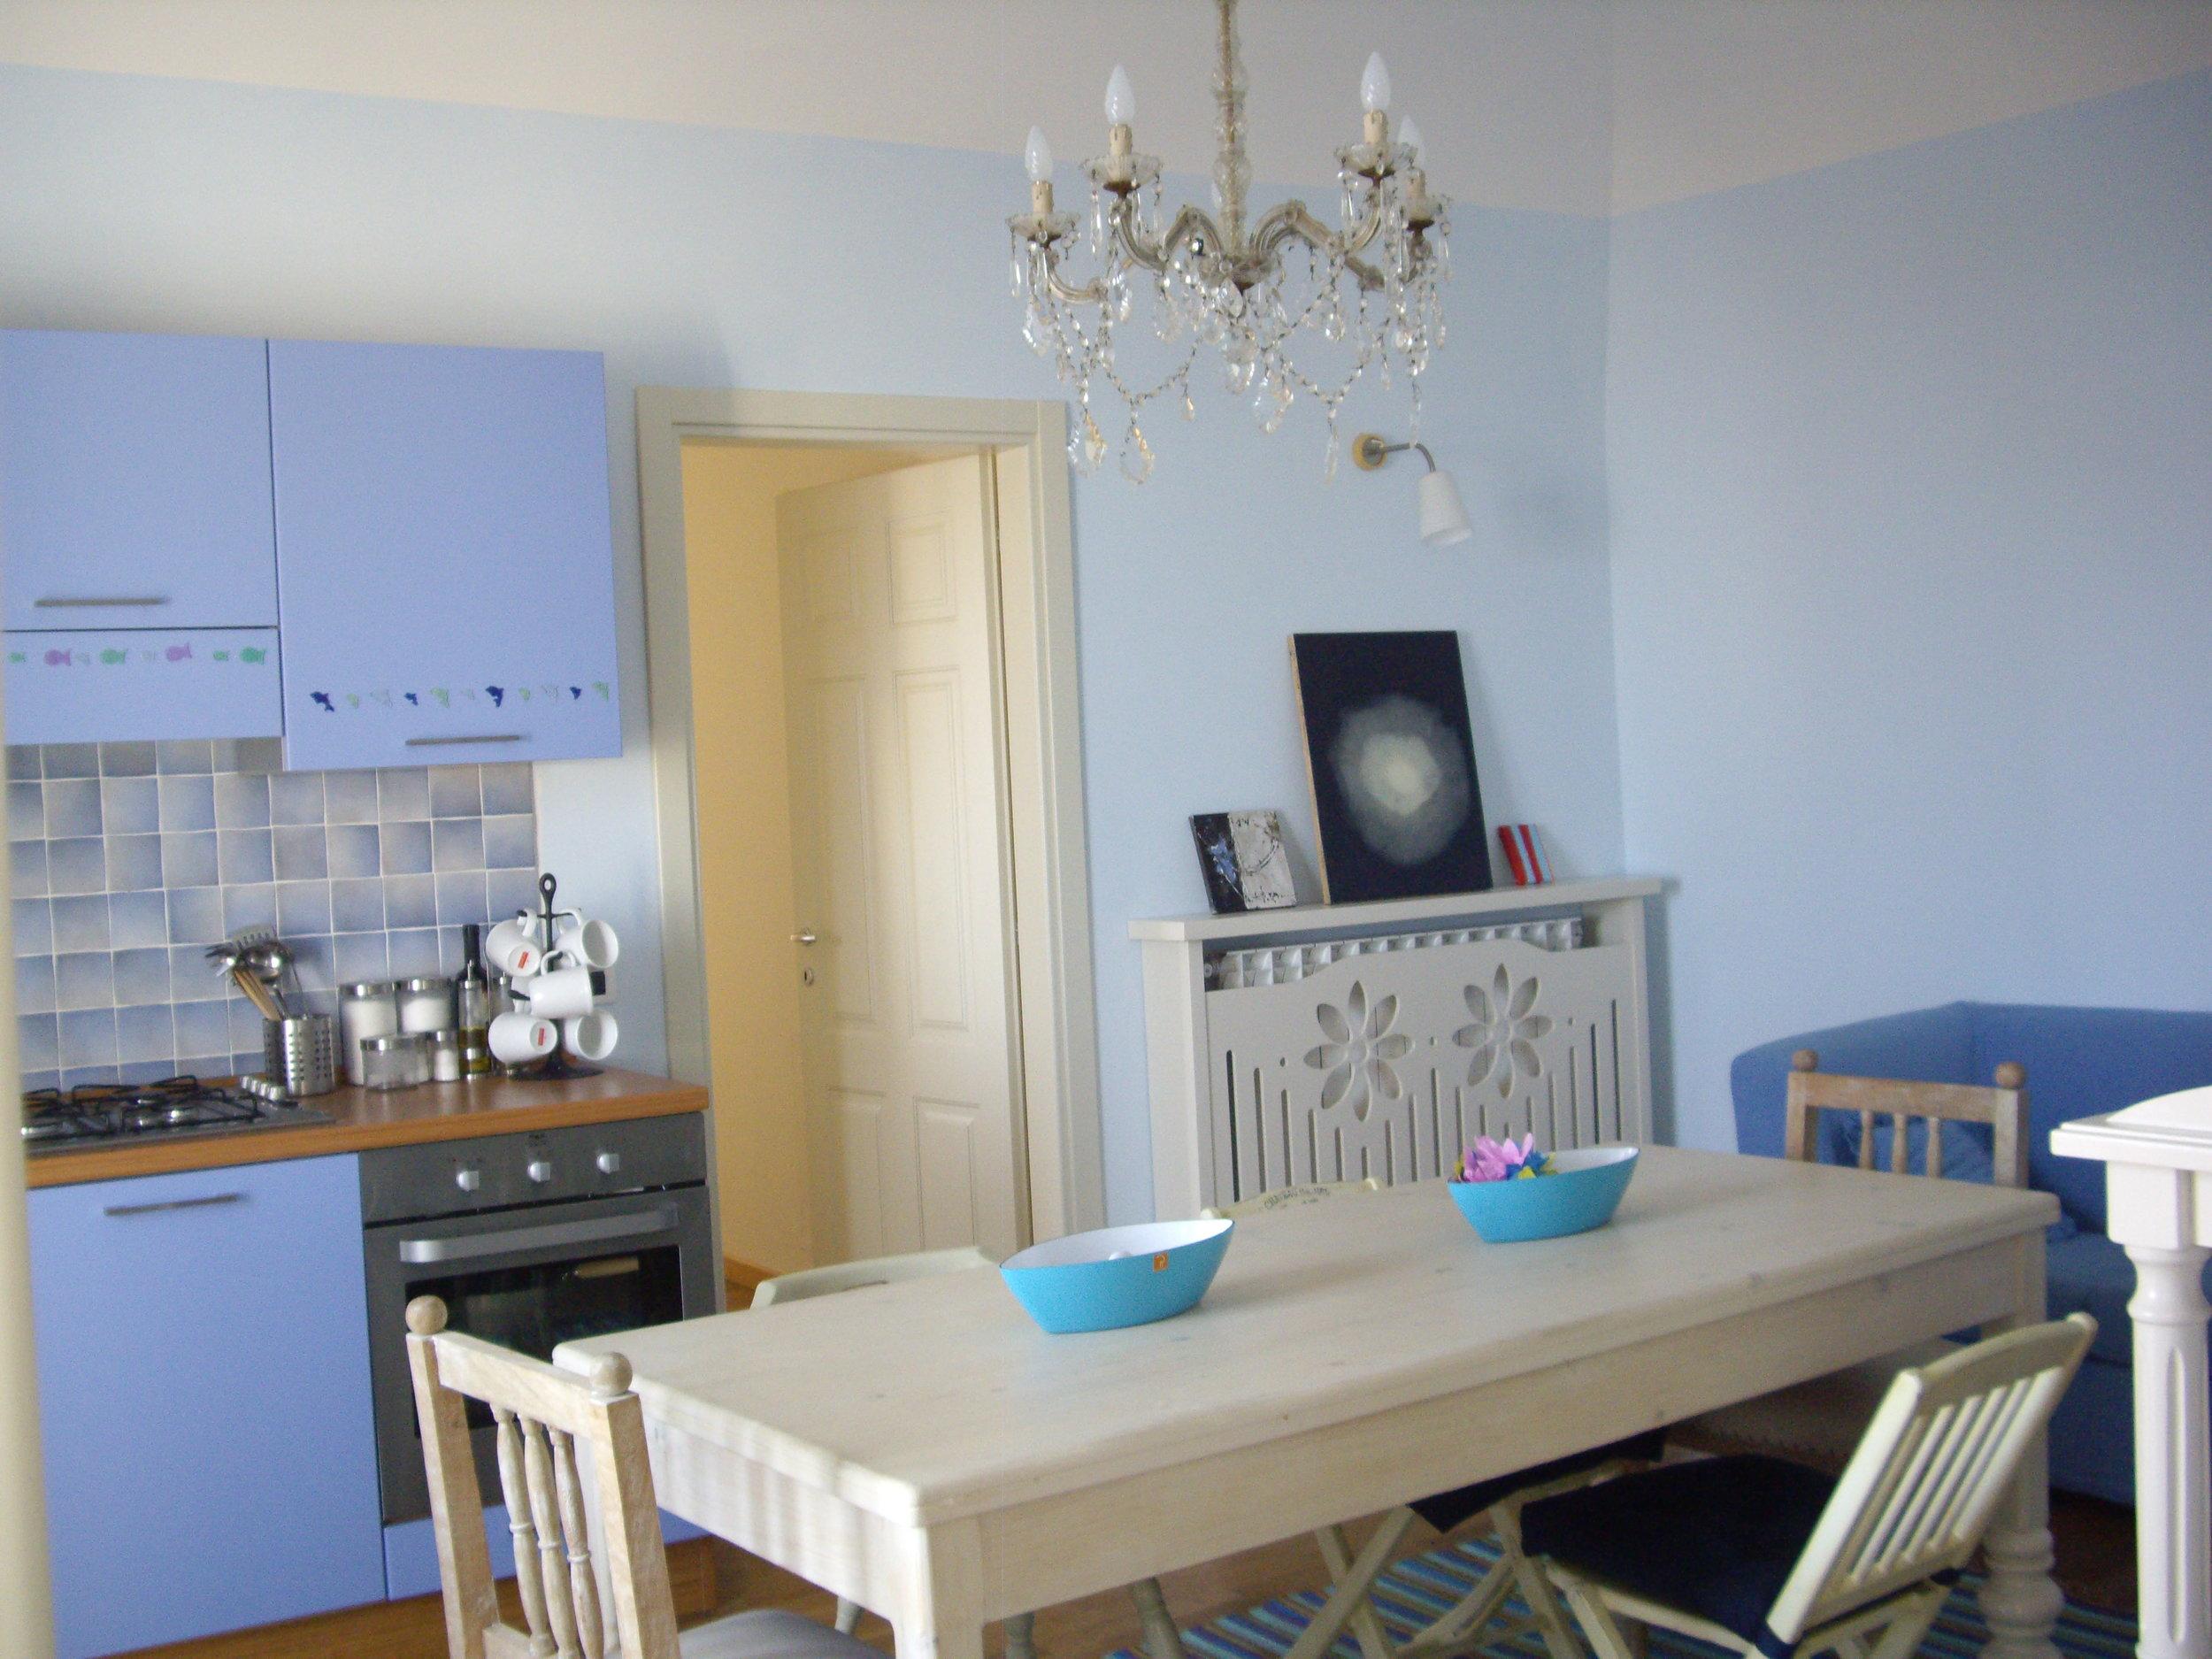 Gaeta Uno Apartment - Sleeps 4 - San Vito Chietino